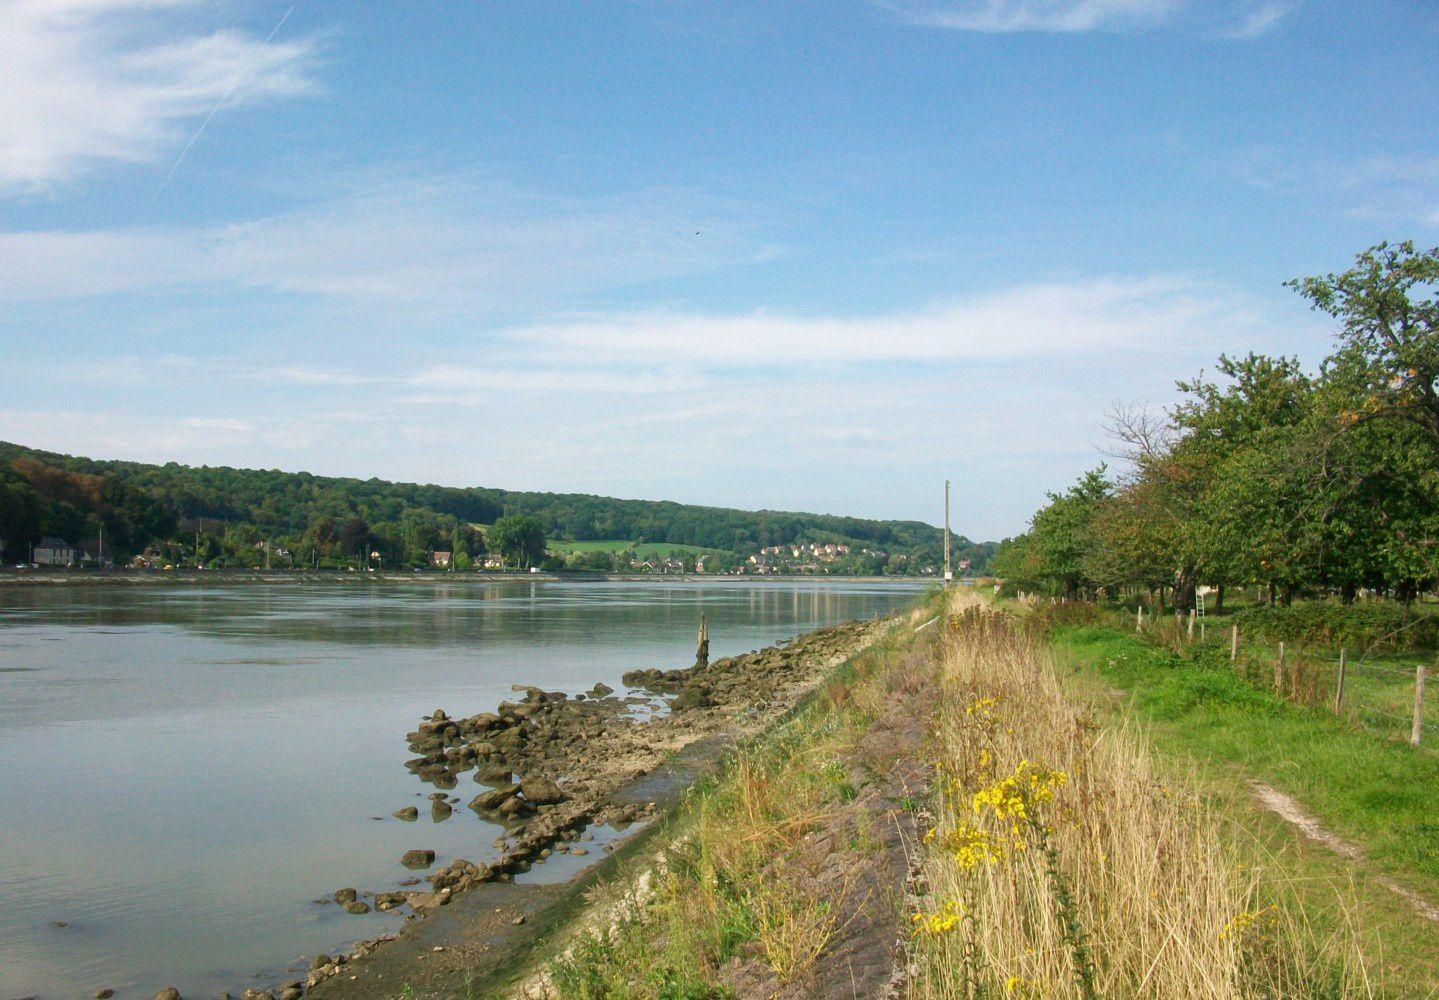 Randonnée pédestre en bord de Seine normande de Poses à l'estuaire -  étape 17 - Anneville-Ambourville [Seine Maritime] 2008-2015